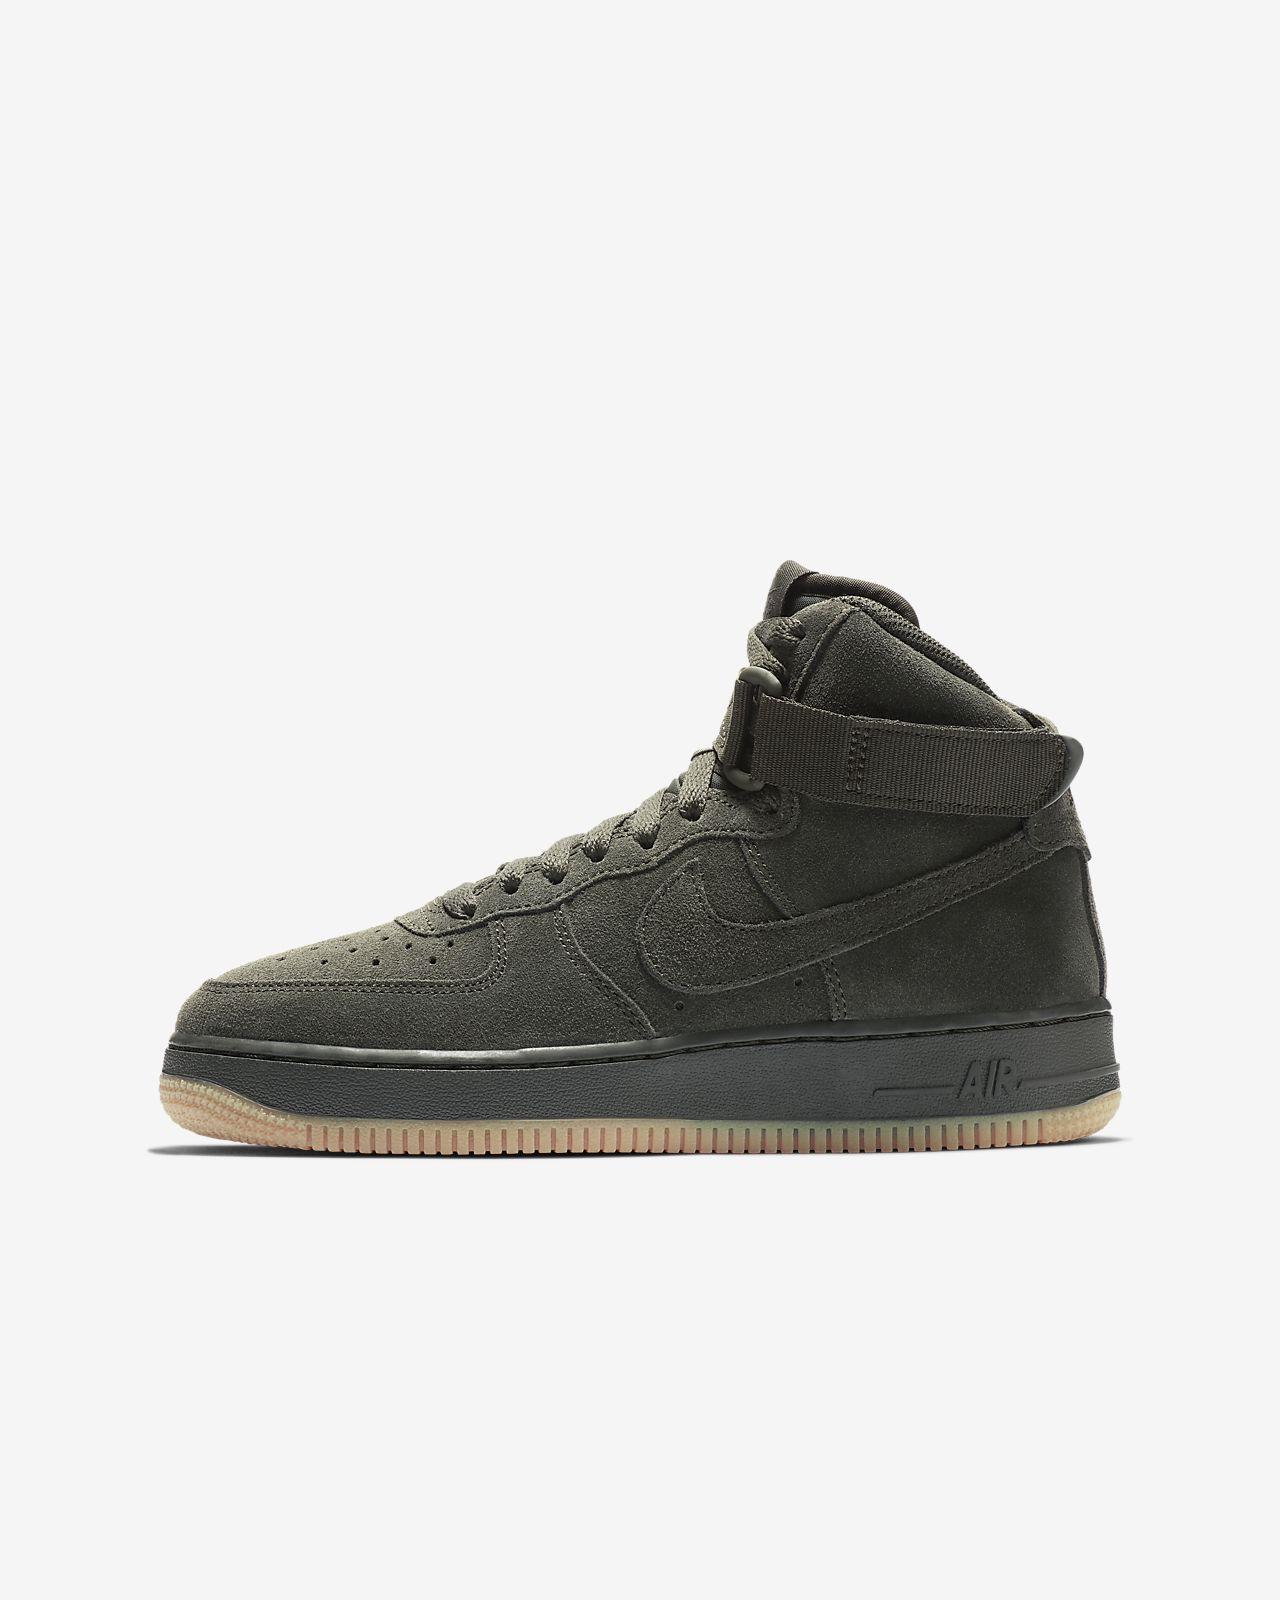 Nike Air Force 1 High LV8 Schuh für ältere Kinder